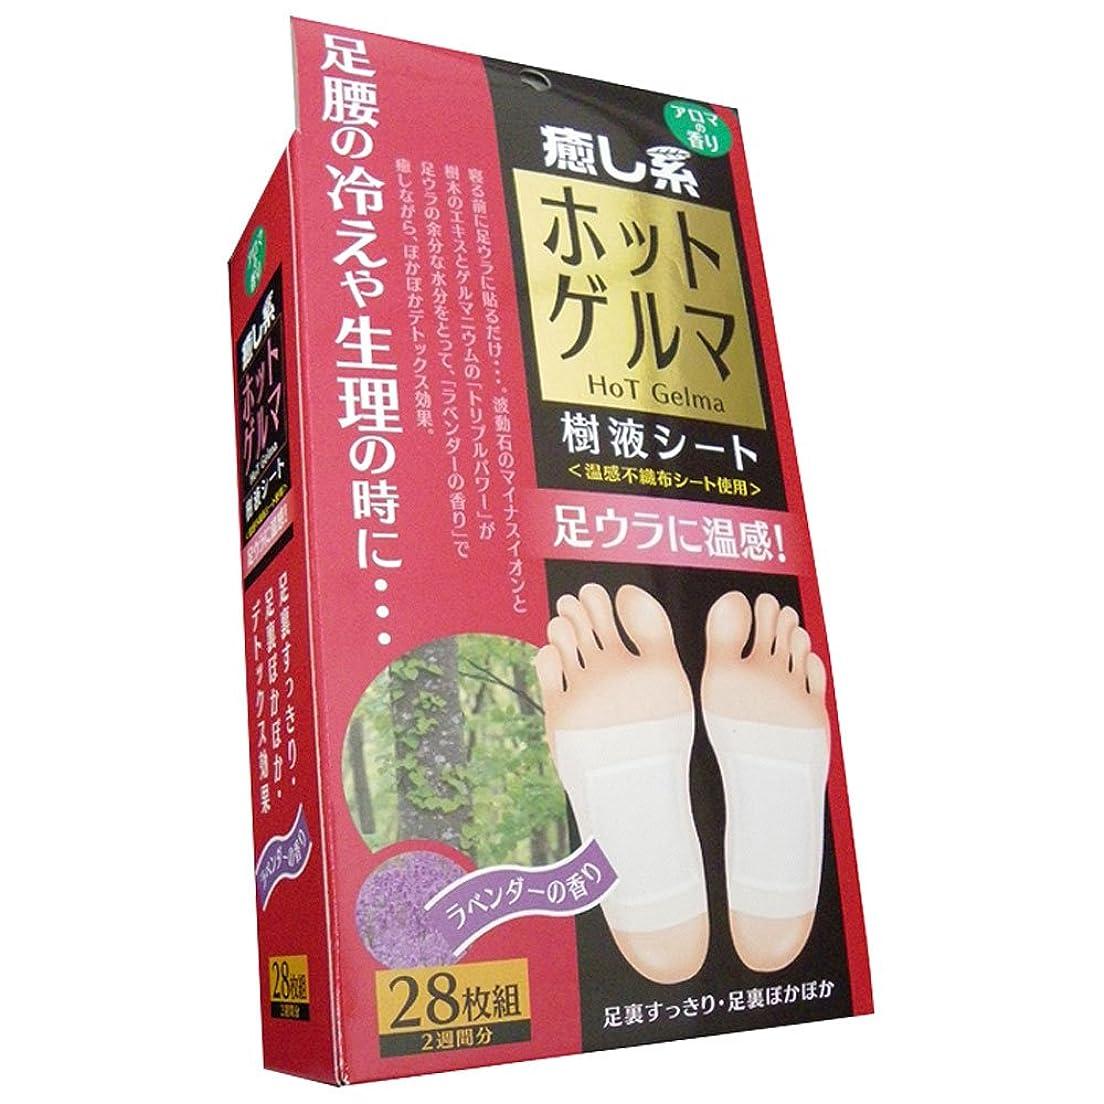 合法潮トレース日本製 HADARIKI ホットゲルマ樹液シート28枚組 2週間分 ラベンダーの香り 足 裏 樹液 シート フット ケア 足ツボ 健康 まとめ買い